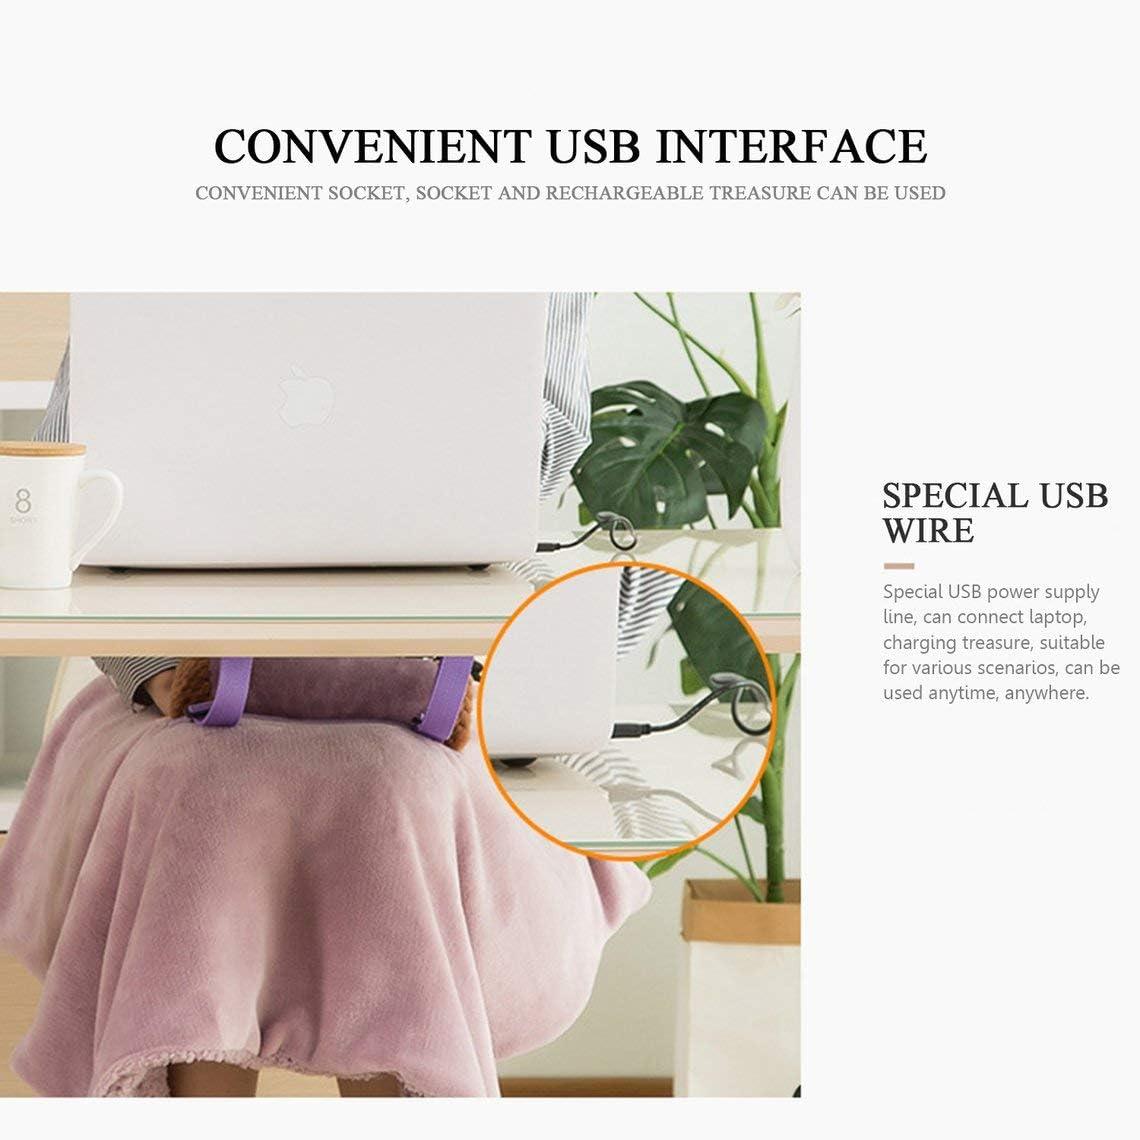 Couverture /électrique plus /épais chauffage USB de charge chauffante couverture chauffante 145 115cm thermostat couverture de chauffage /électrique